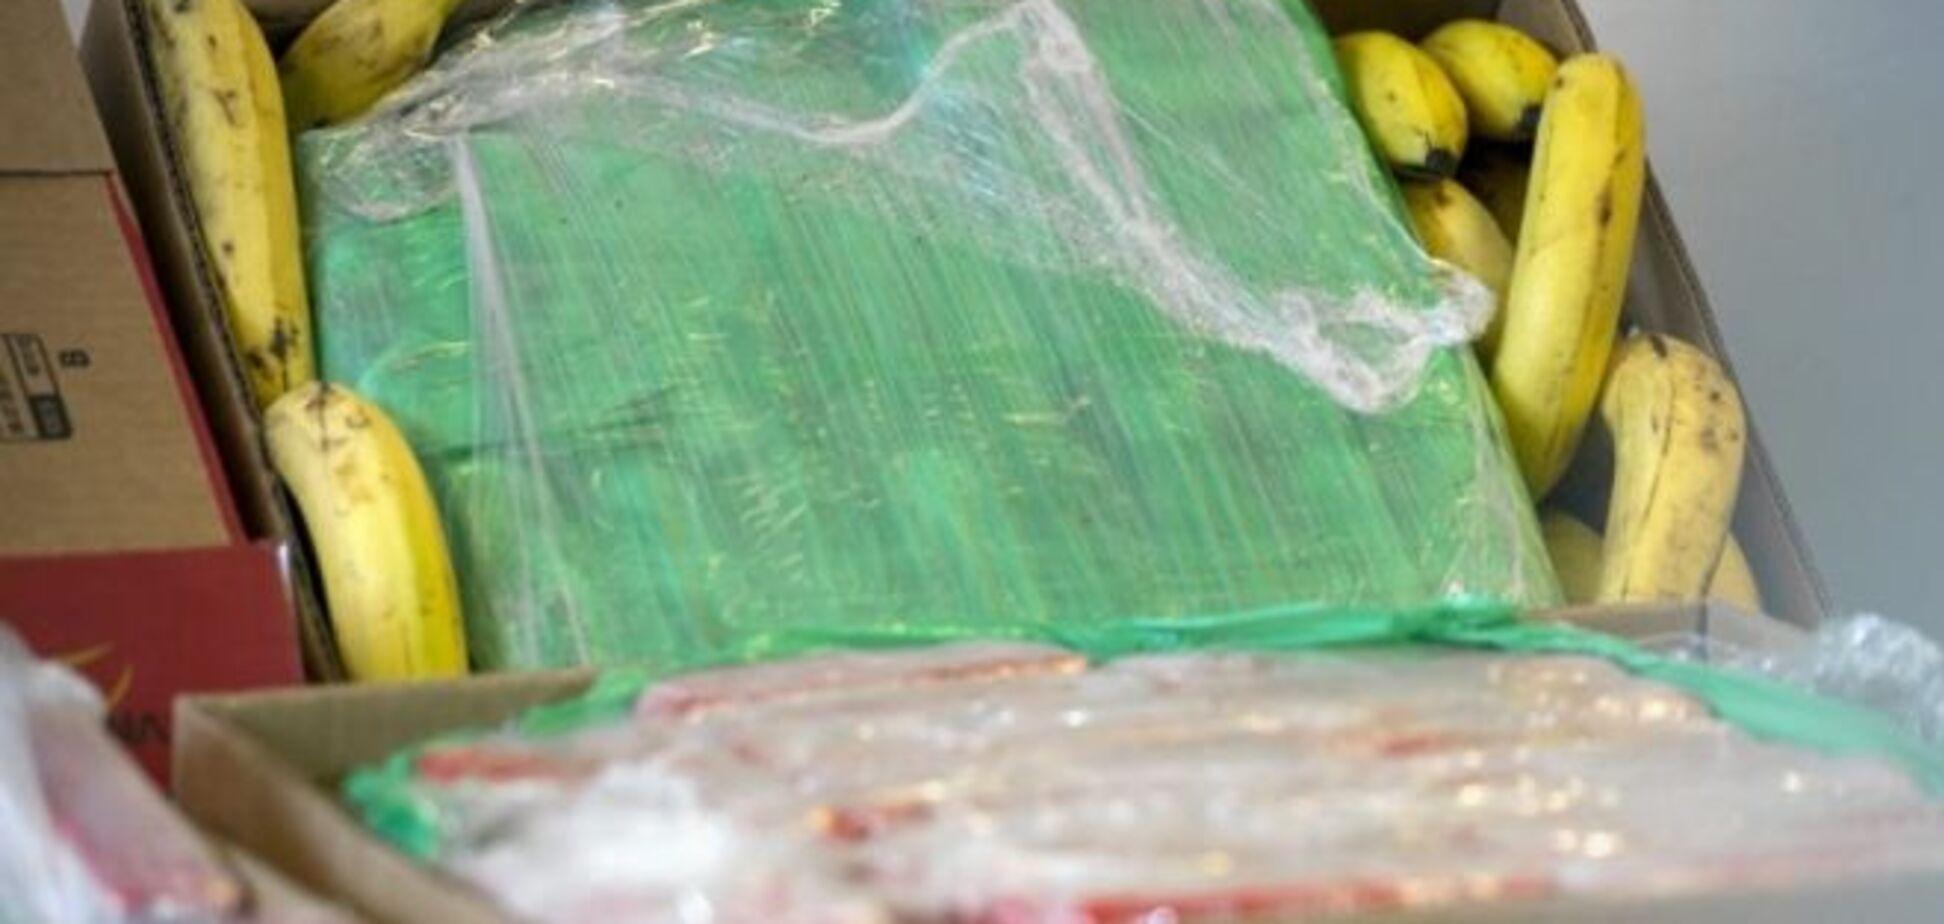 Ошибочка вышла: в берлинские магазины доставили кокаин вместо бананов